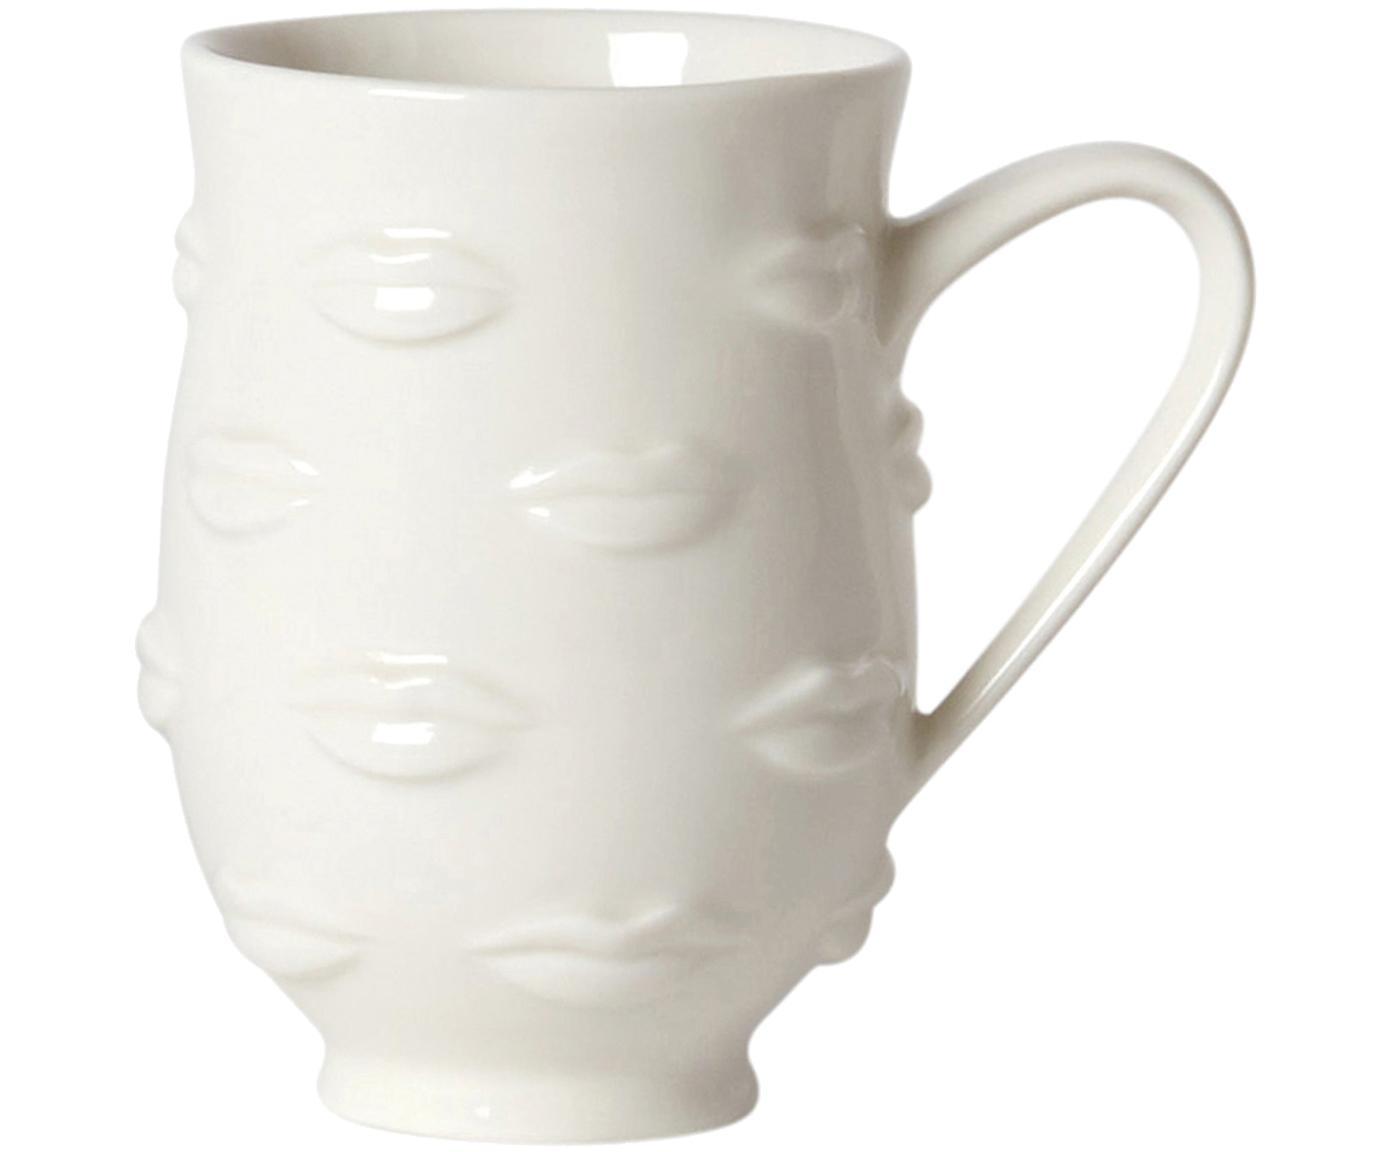 Kubek Gala, Kamionka, Biały, Ø 9 x W 13 cm